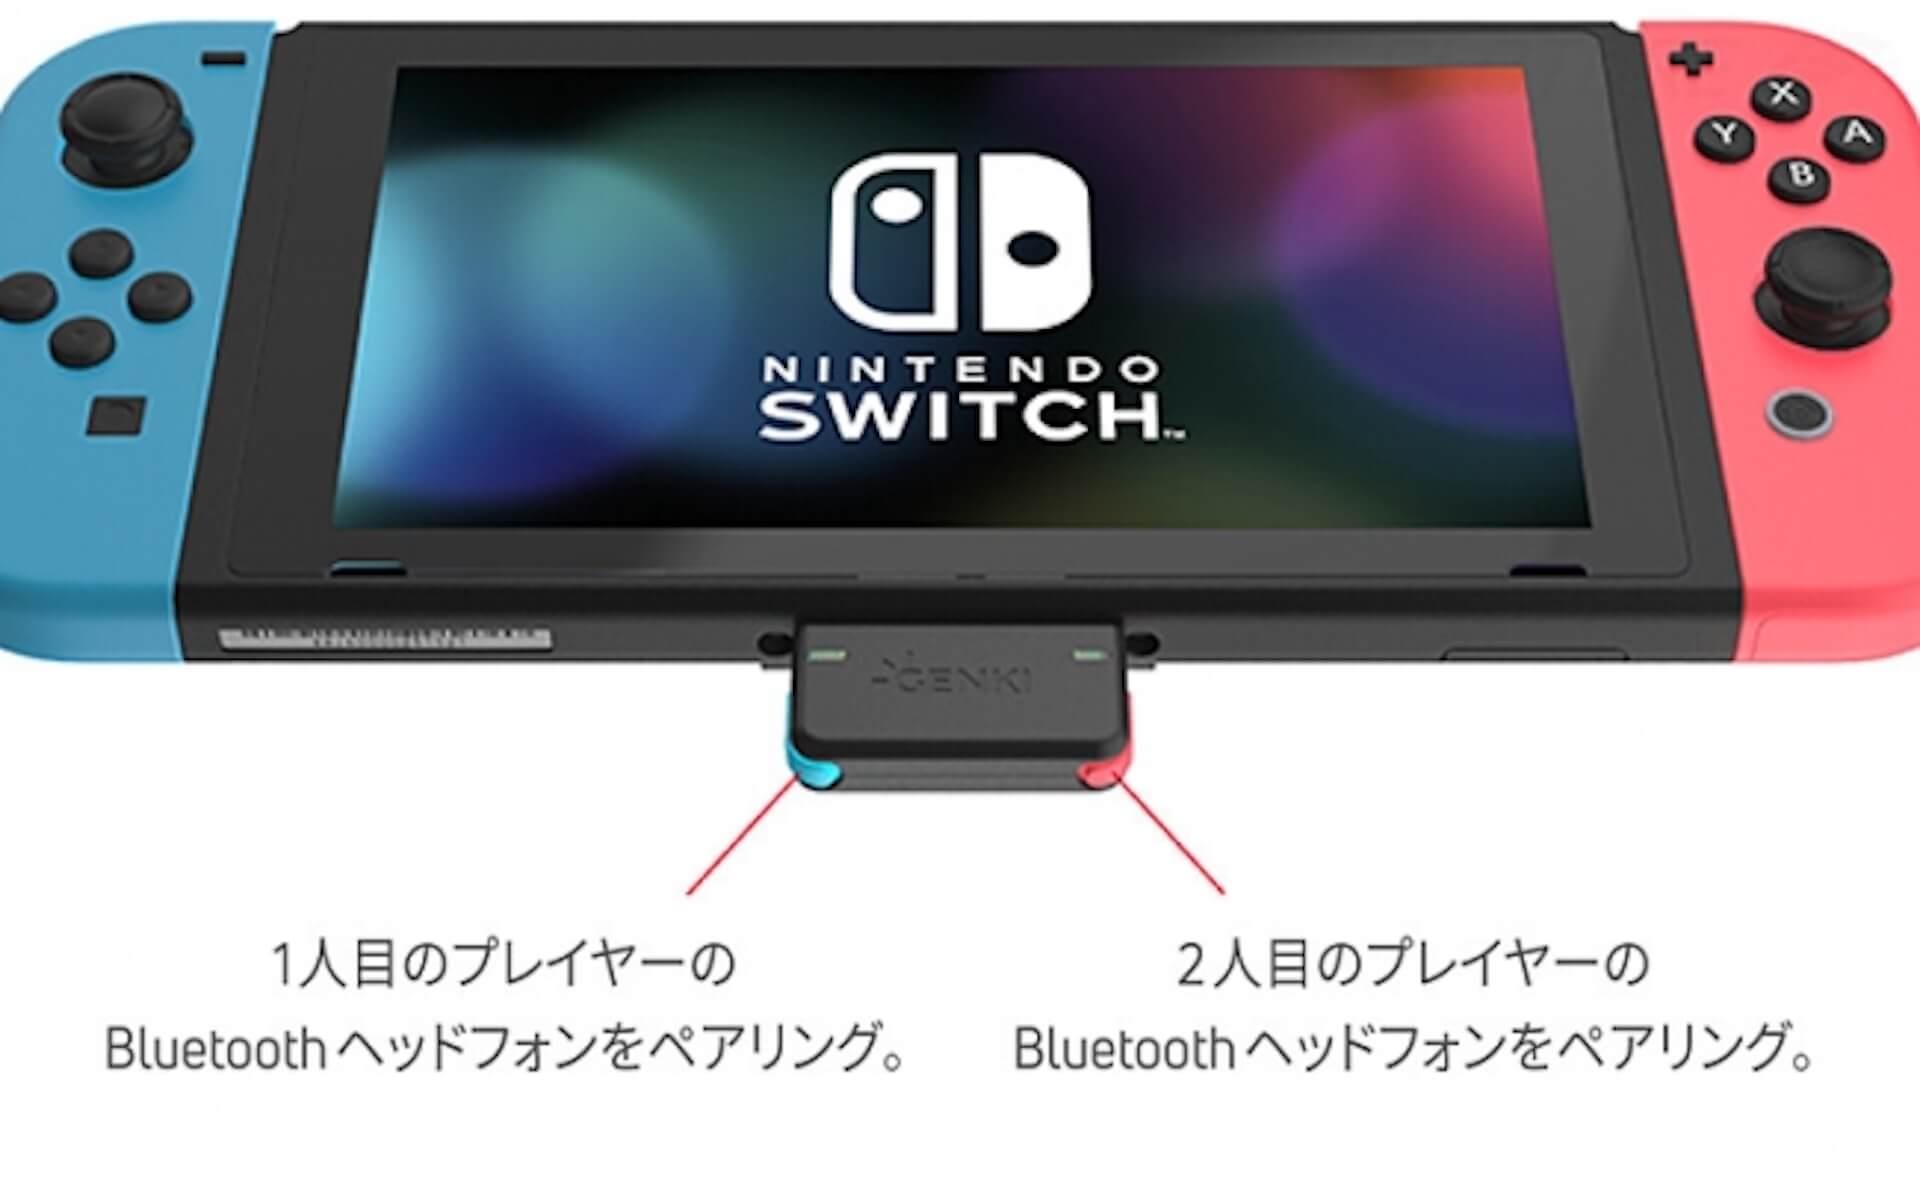 Nintendo Switchをワイヤレスイヤホン/スピーカーで楽しもう!Bluetooth対応アダプタ「Genki」がGlotureで発売中 tech200414_nintendoswitch_8